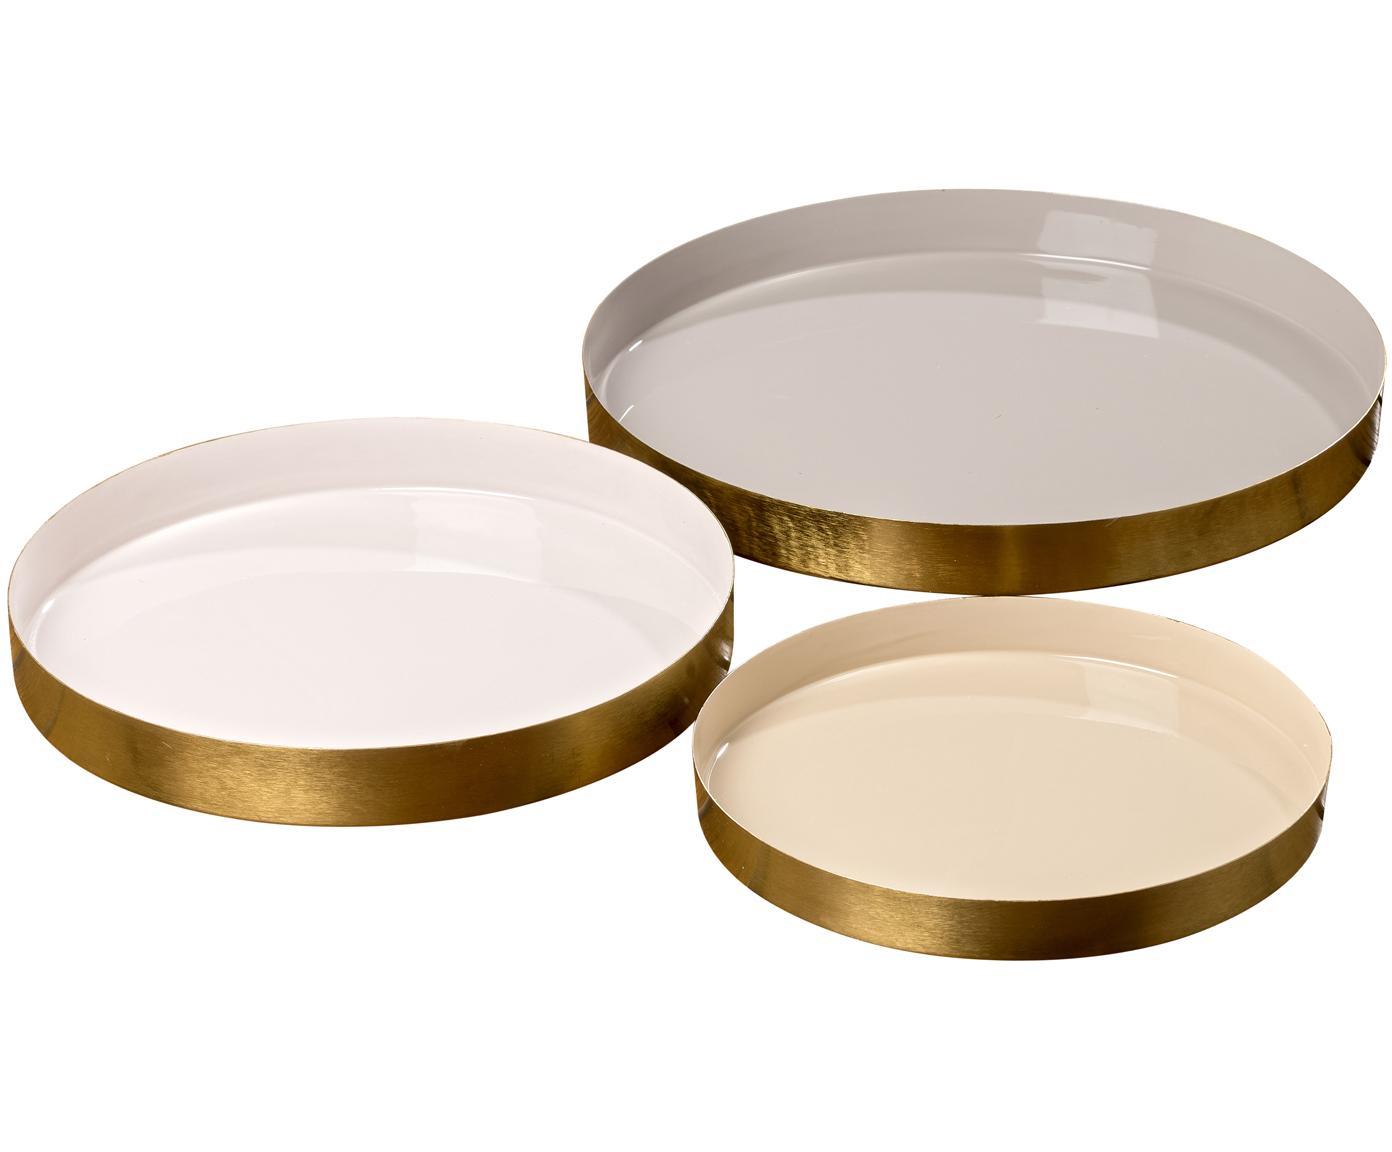 Set vassoi decorativi Ayra, 3 pz., Metallo verniciato, Grigio, beige, bianco Bordo esterno: dorato, Diverse dimensioni